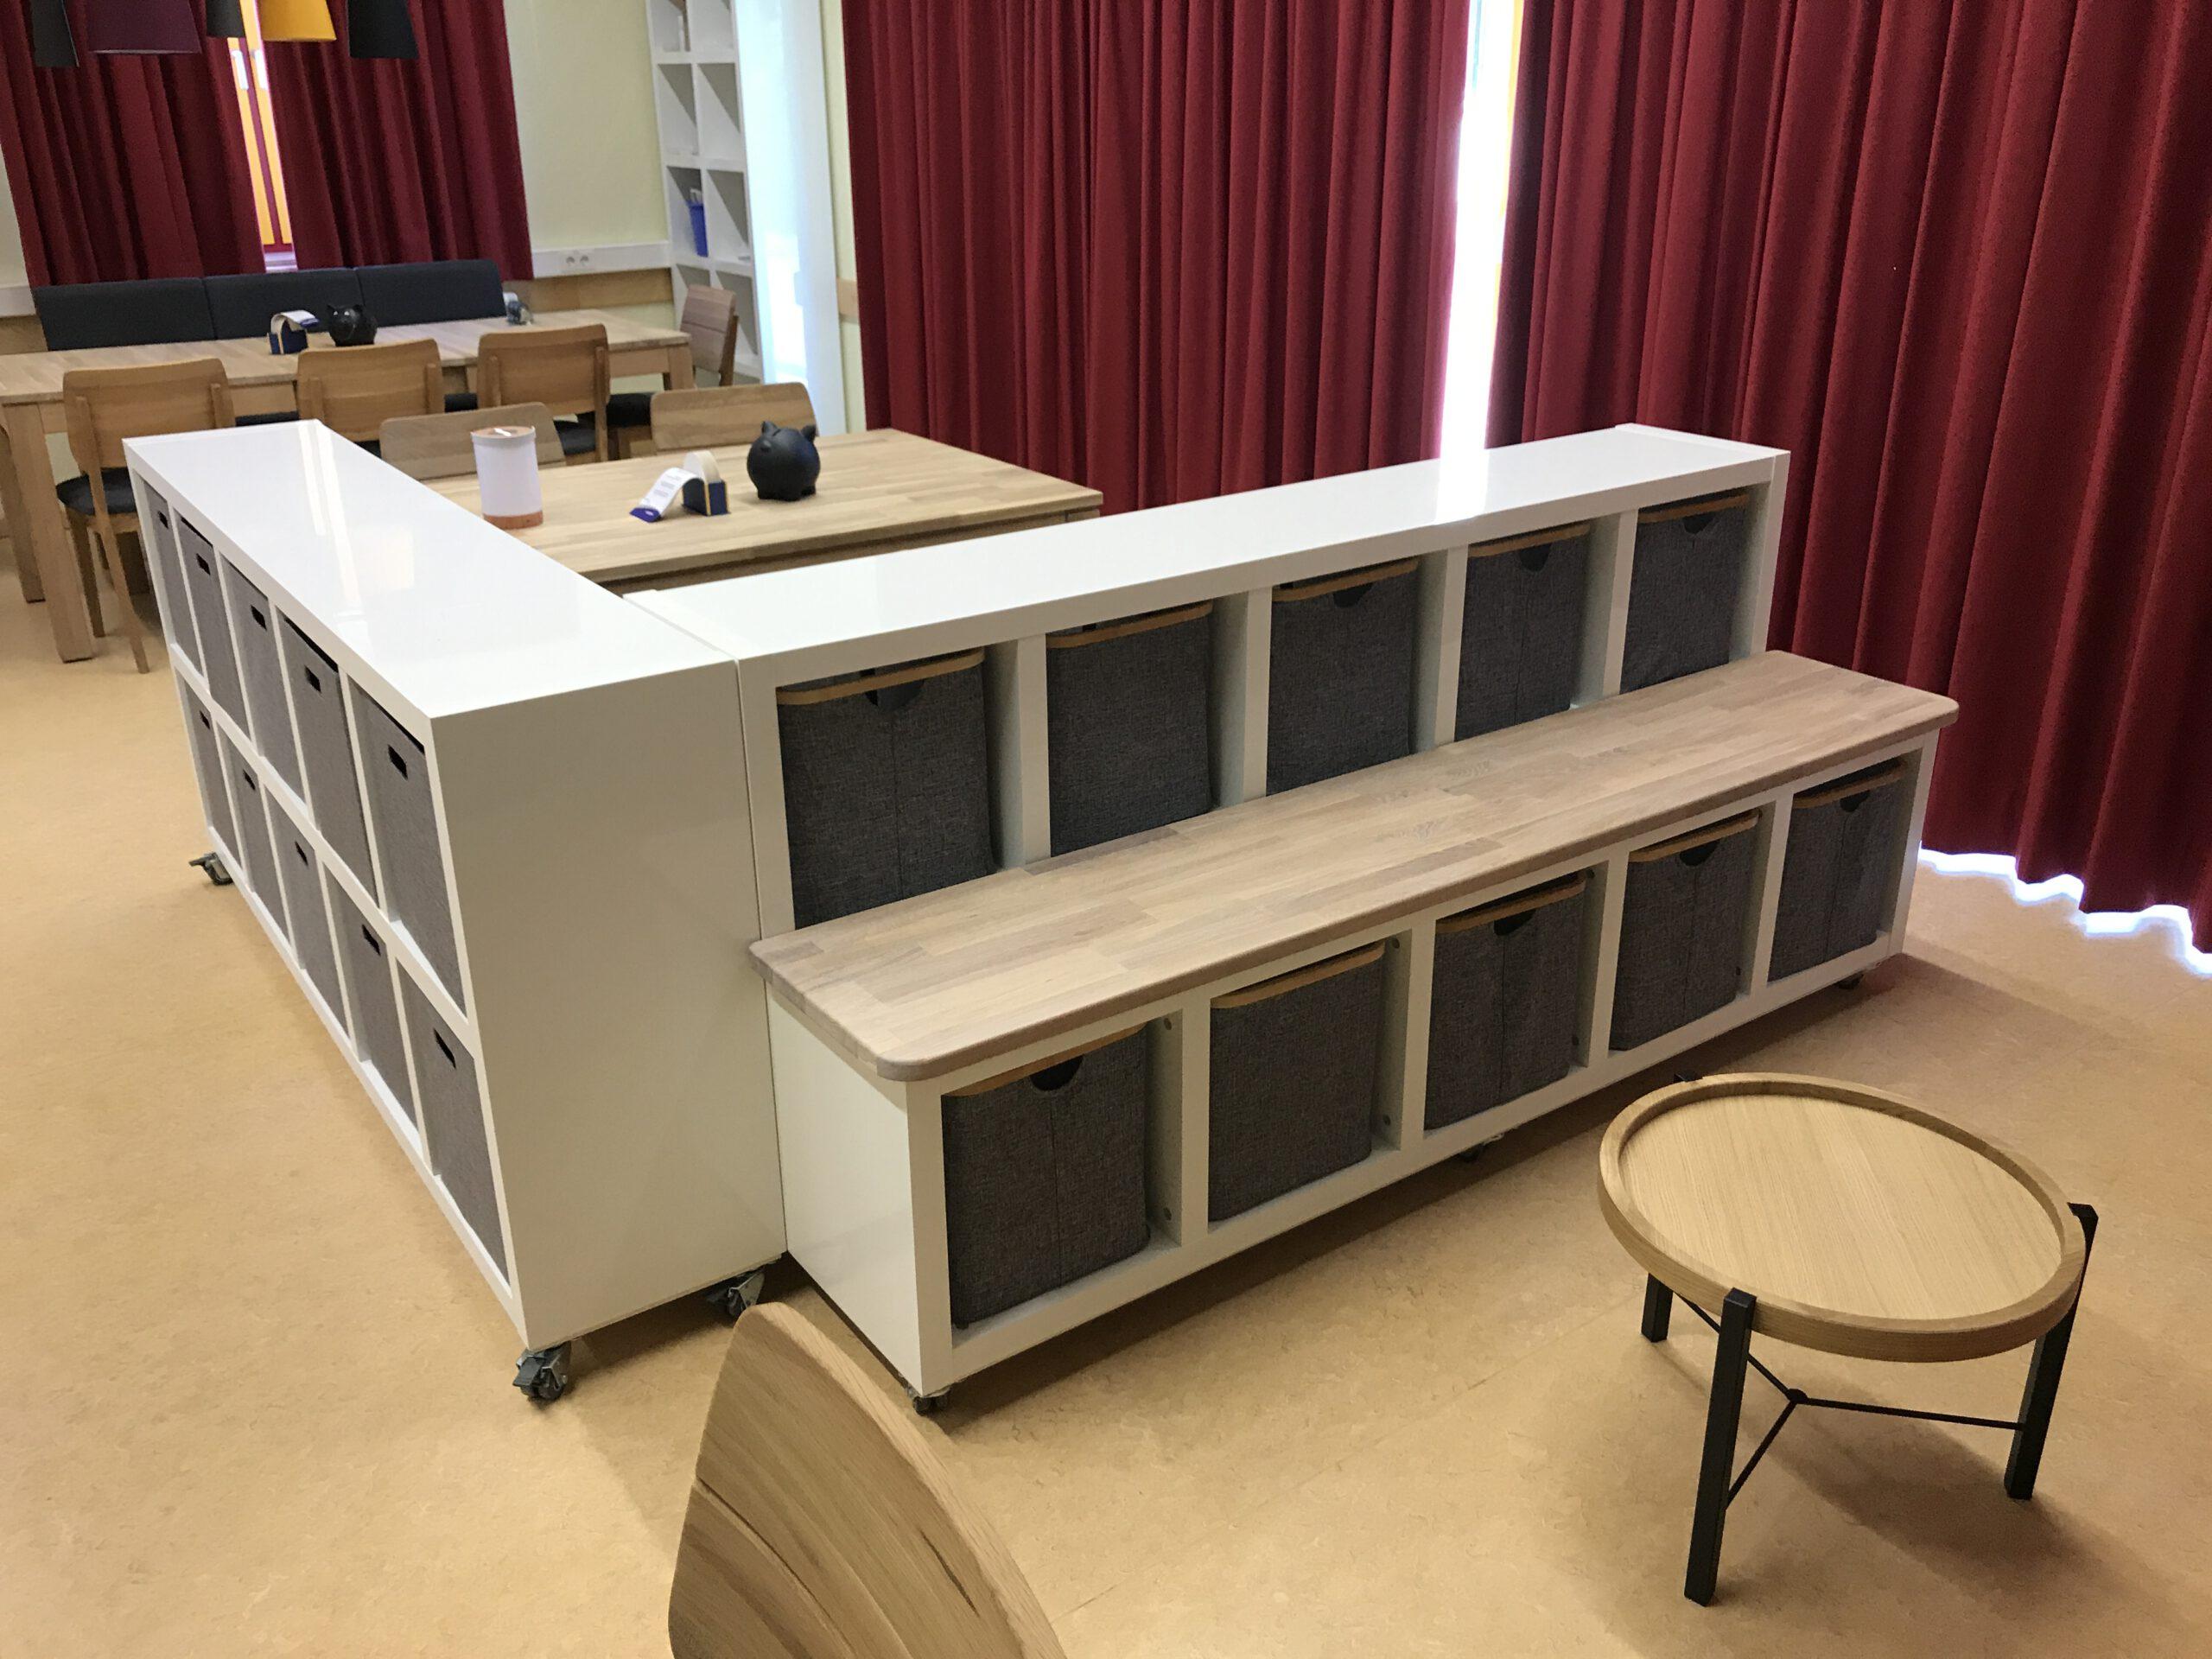 Schreinerei Hagmeier spendet   Material und den Umbau für die rollbaren Raumteiler - DANKE!